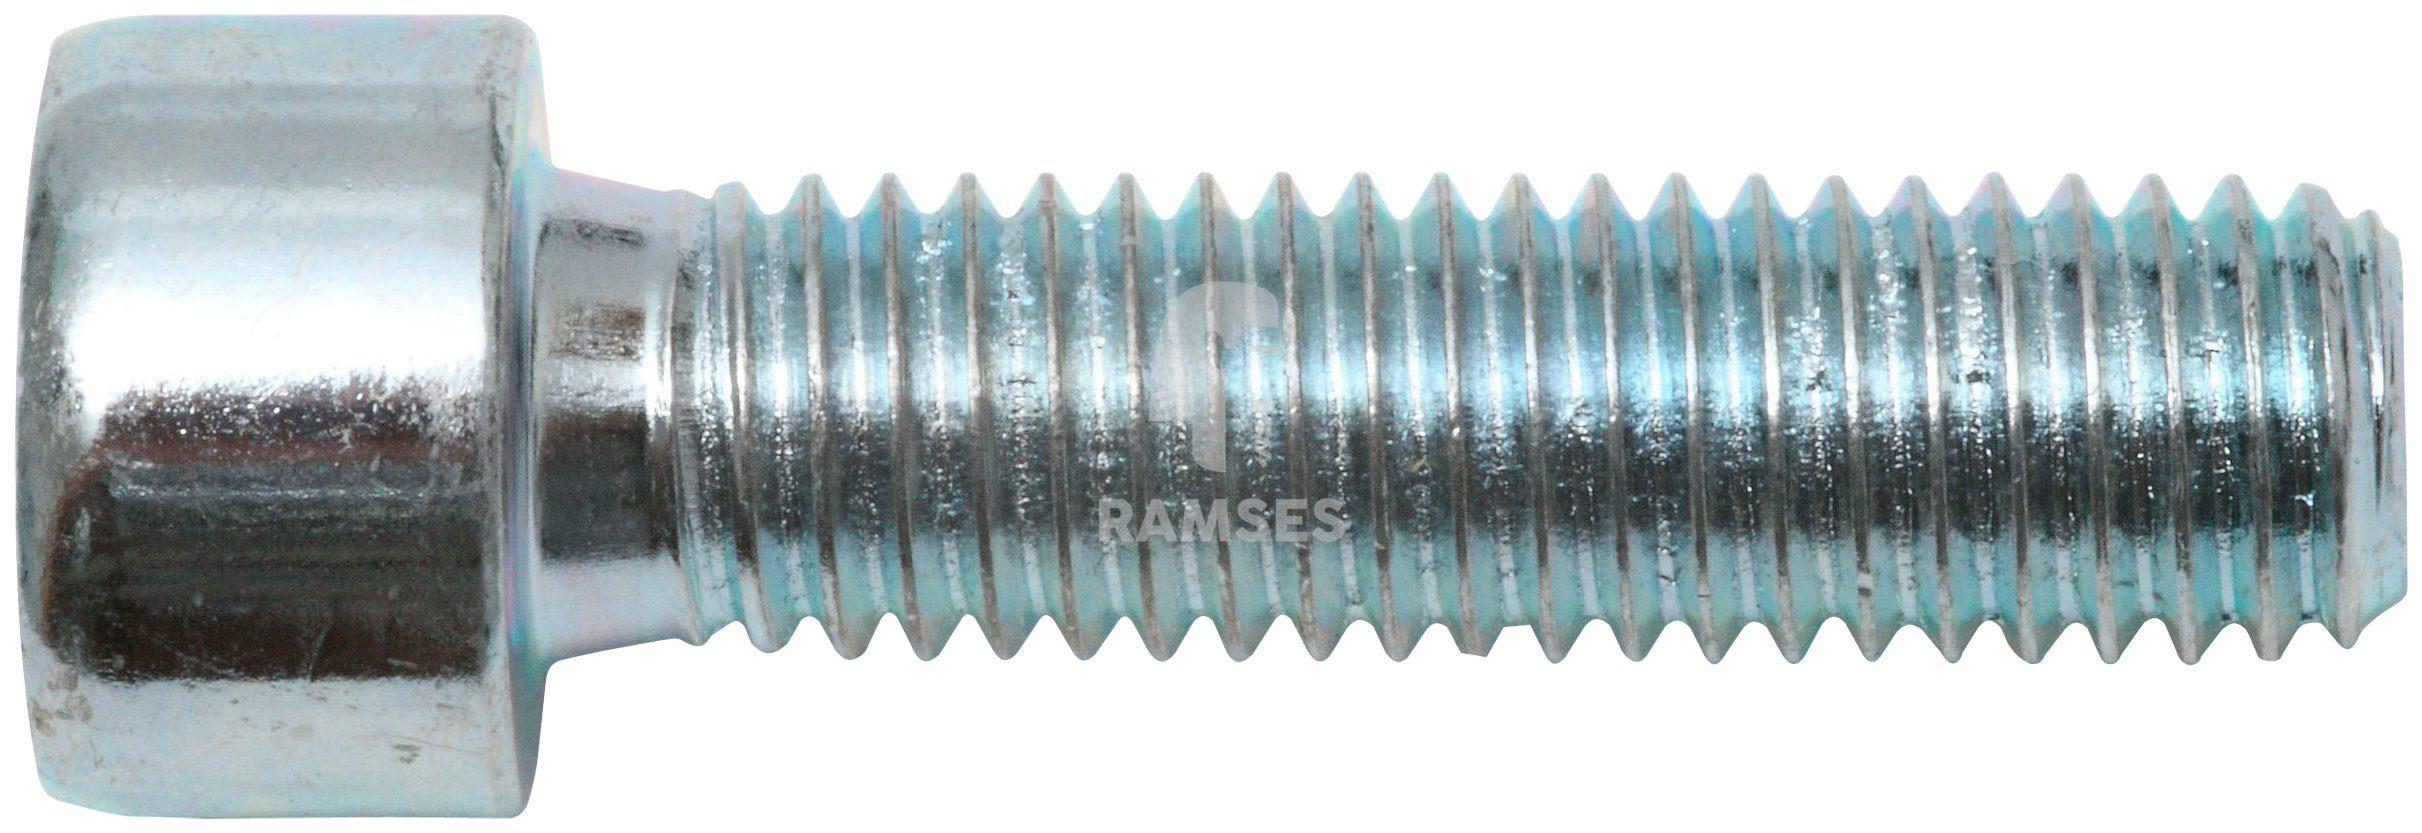 RAMSES Schrauben , Zylinderschraube M6 x 60 mm SW5 100 Stk.